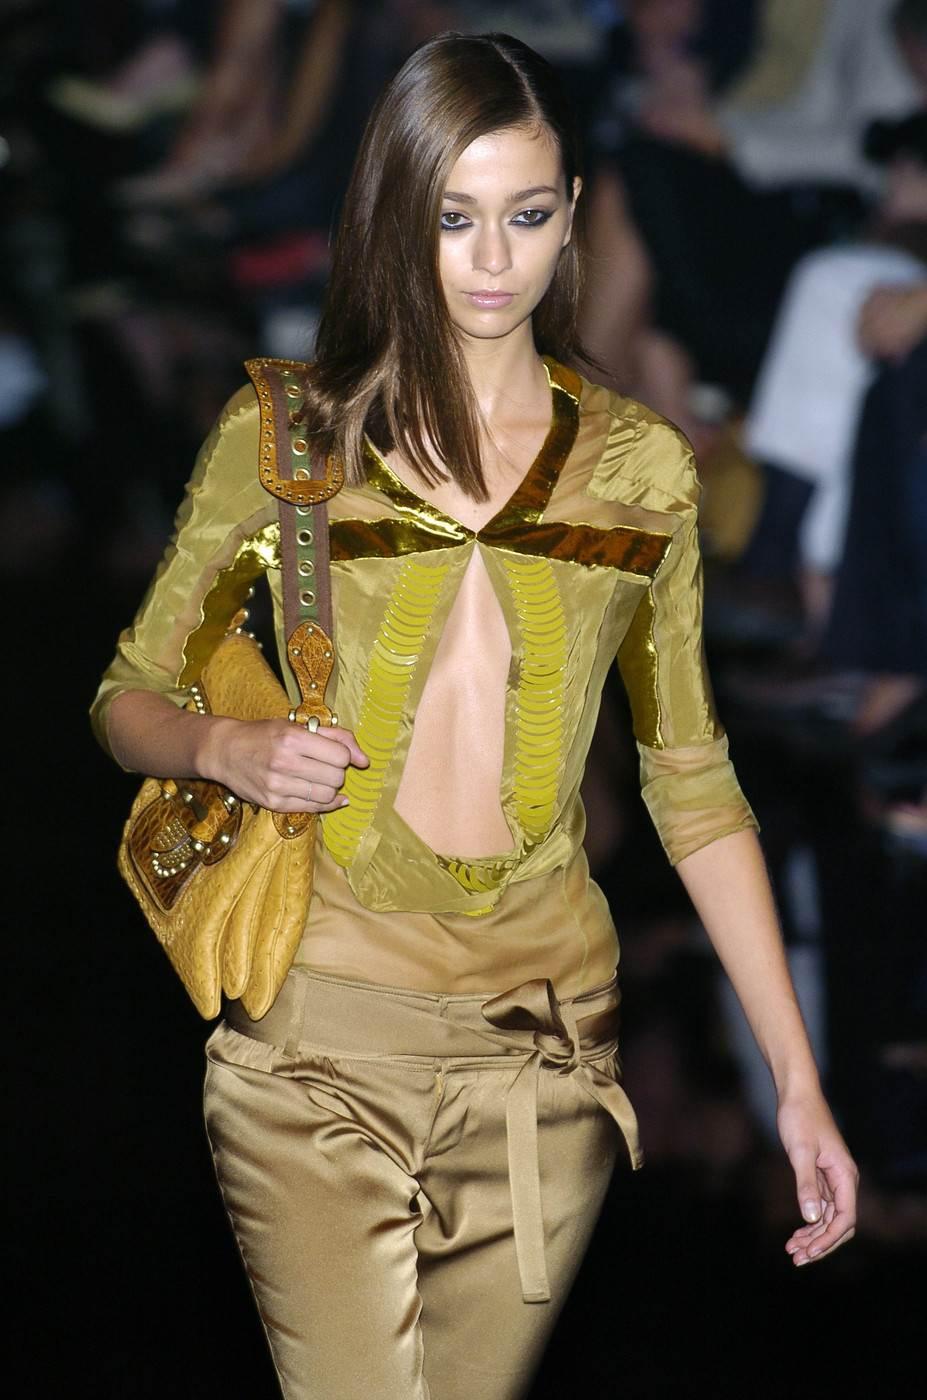 【外人】30歳過ぎてるロリ顔のフランス人モデルのモルガン・デュブレ(Morgane Dubled)のポルノ画像 2475